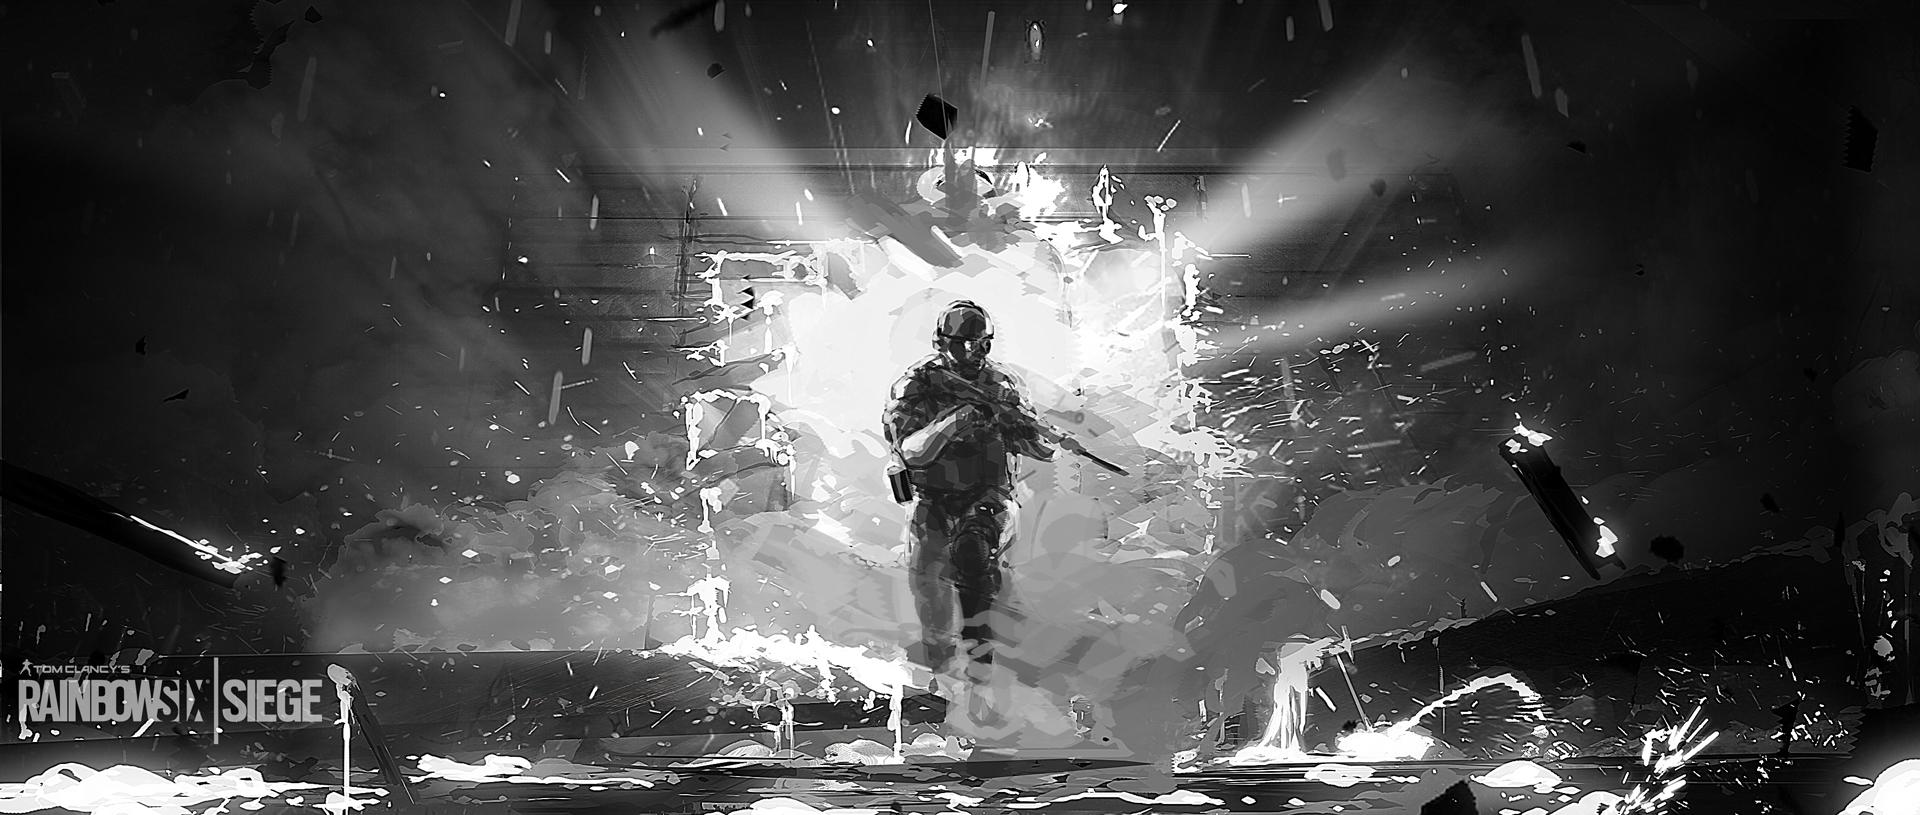 聚焦《虹彩六號:圍攻行動》特勤幹員 #5:Thermite(FBI SWAT 幹員) – Ubisoft | 次世代遊戲 [就從這裡] 開始